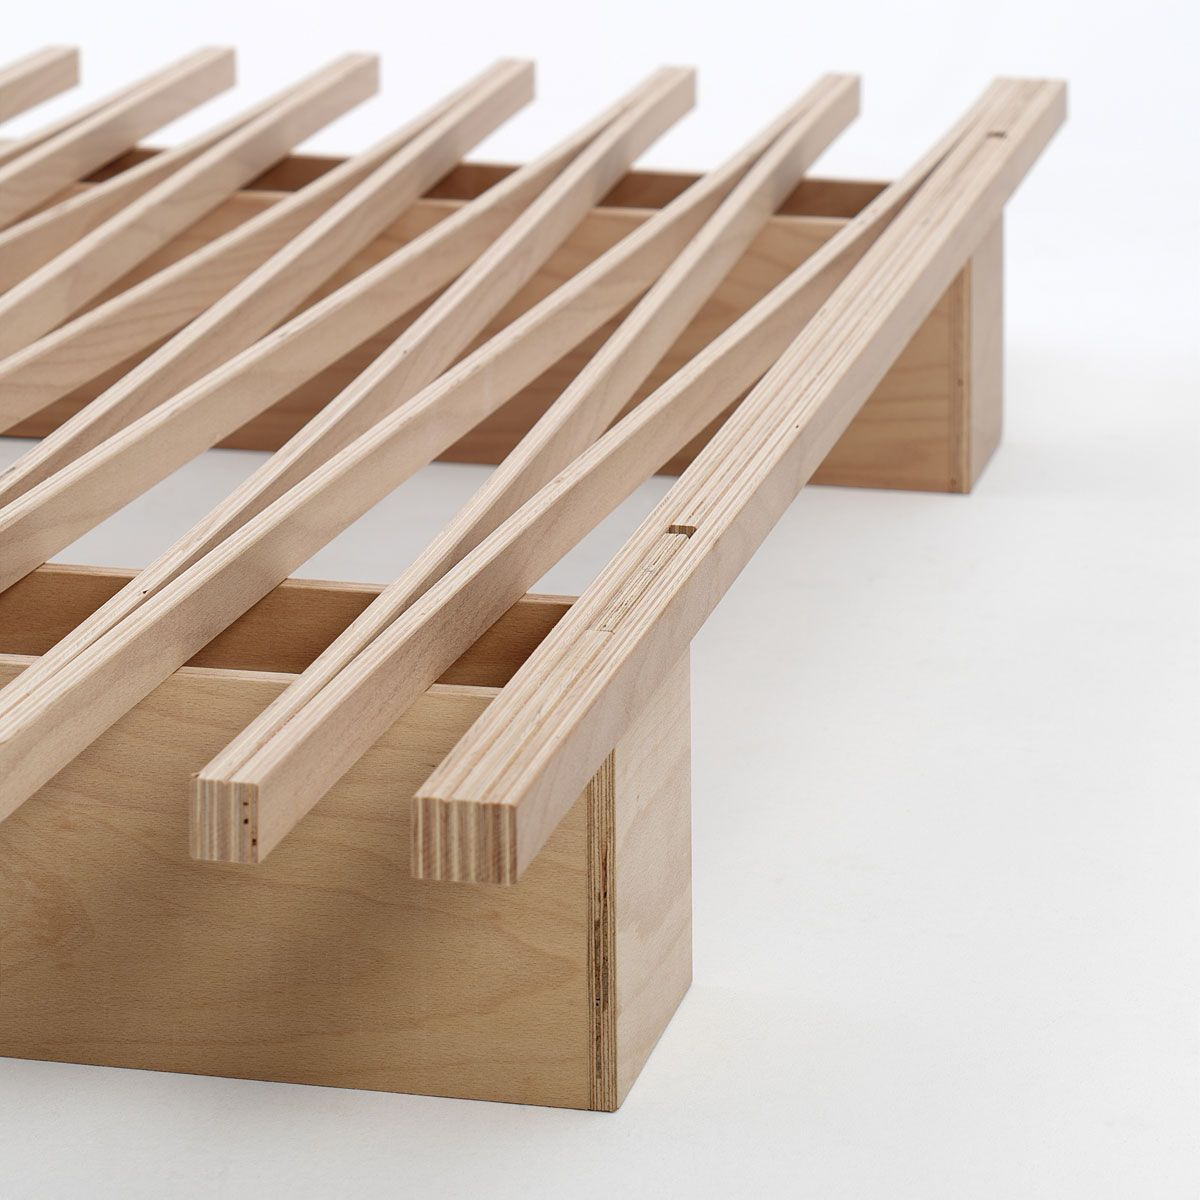 v Bett   Tojo   Shop   Design awards, Stuttgart and King beds